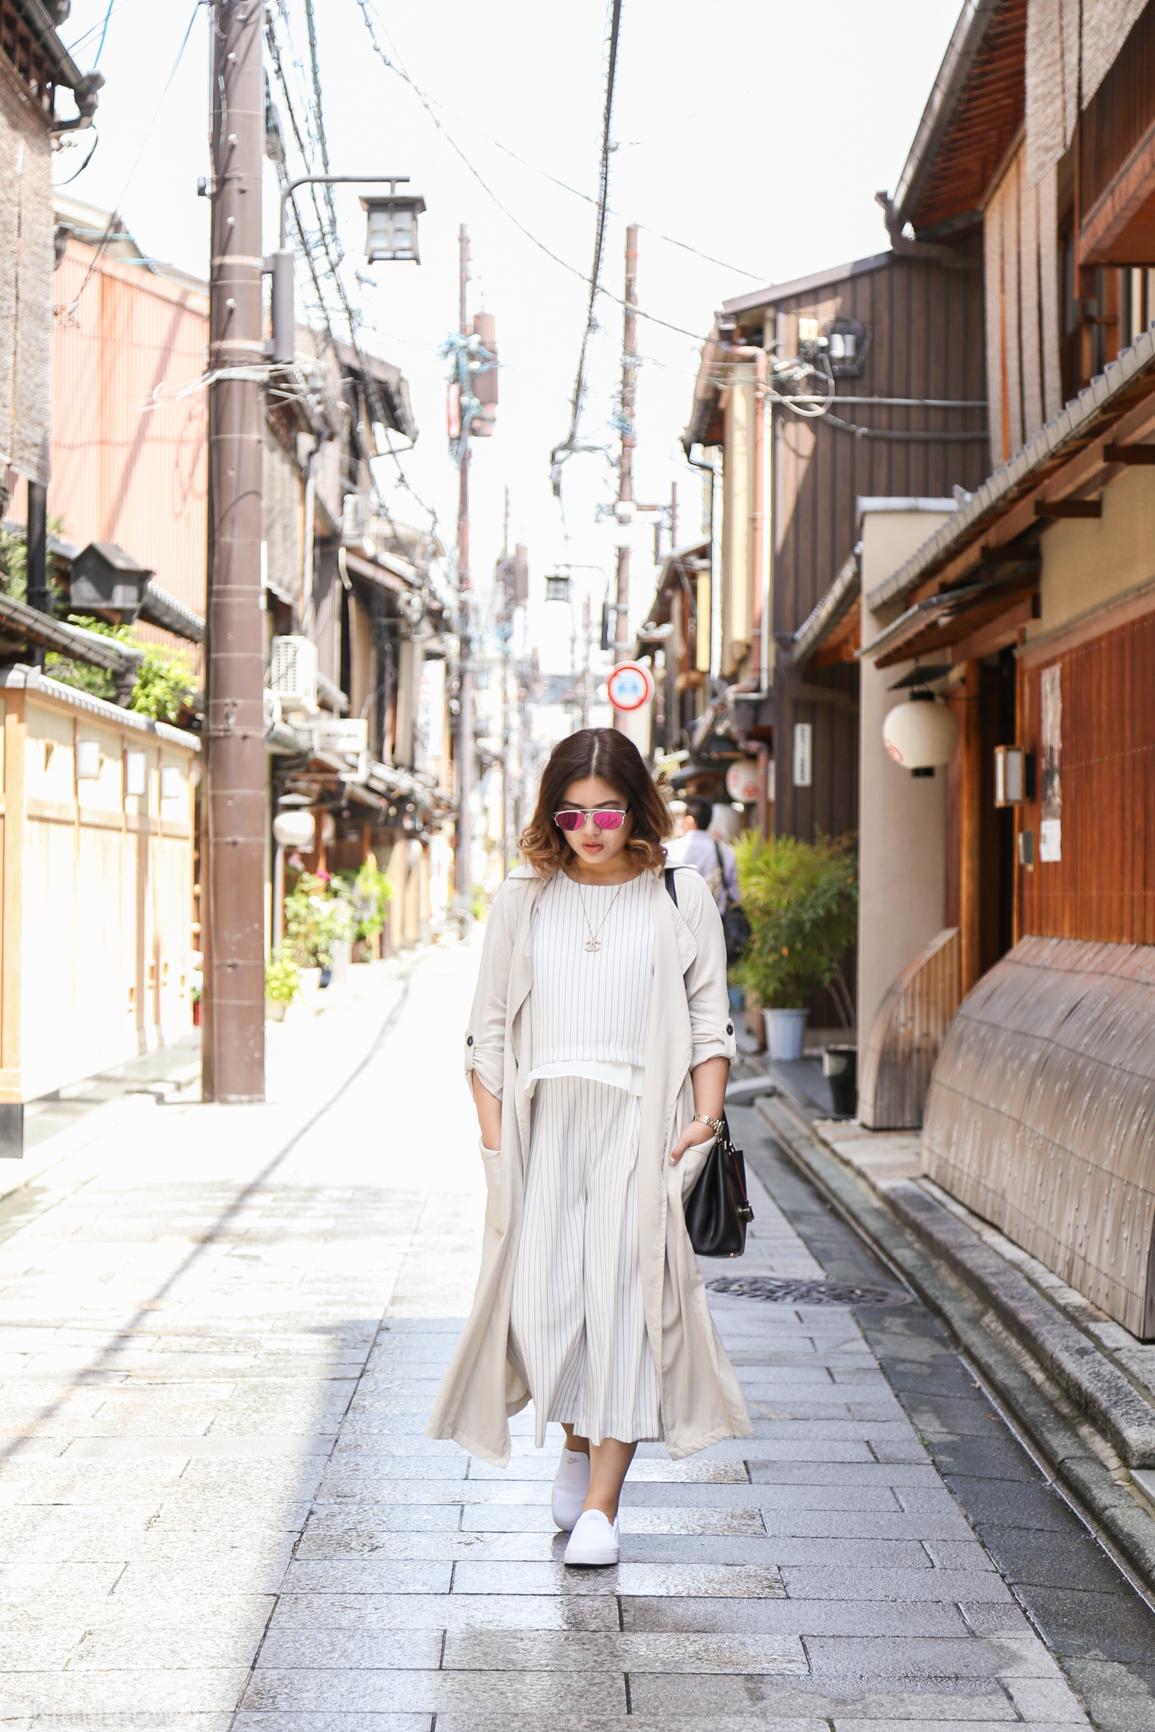 kimleow_cherryblossom_kyoto_travel-3.jpg